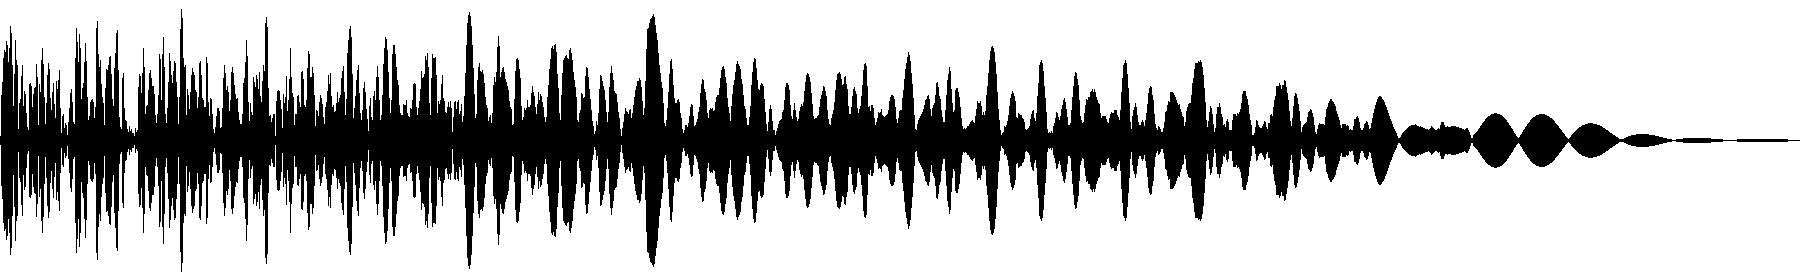 vedh bass cut 080 c